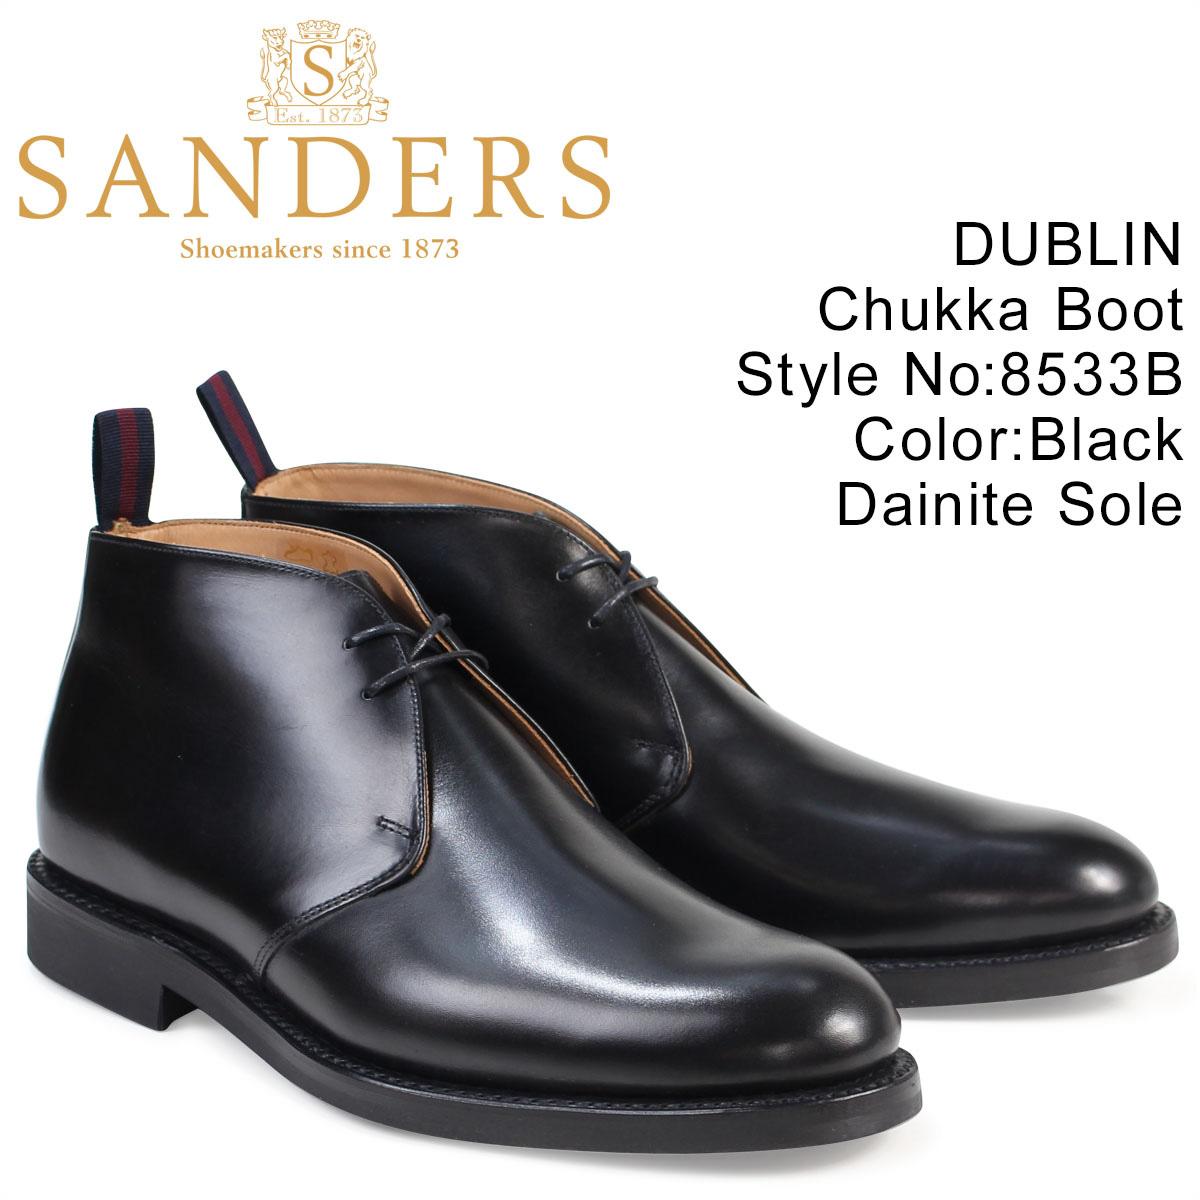 SANDERS DUBLIN サンダース 靴 ミリタリー チャッカブーツ ビジネス 8533B メンズ ブラック